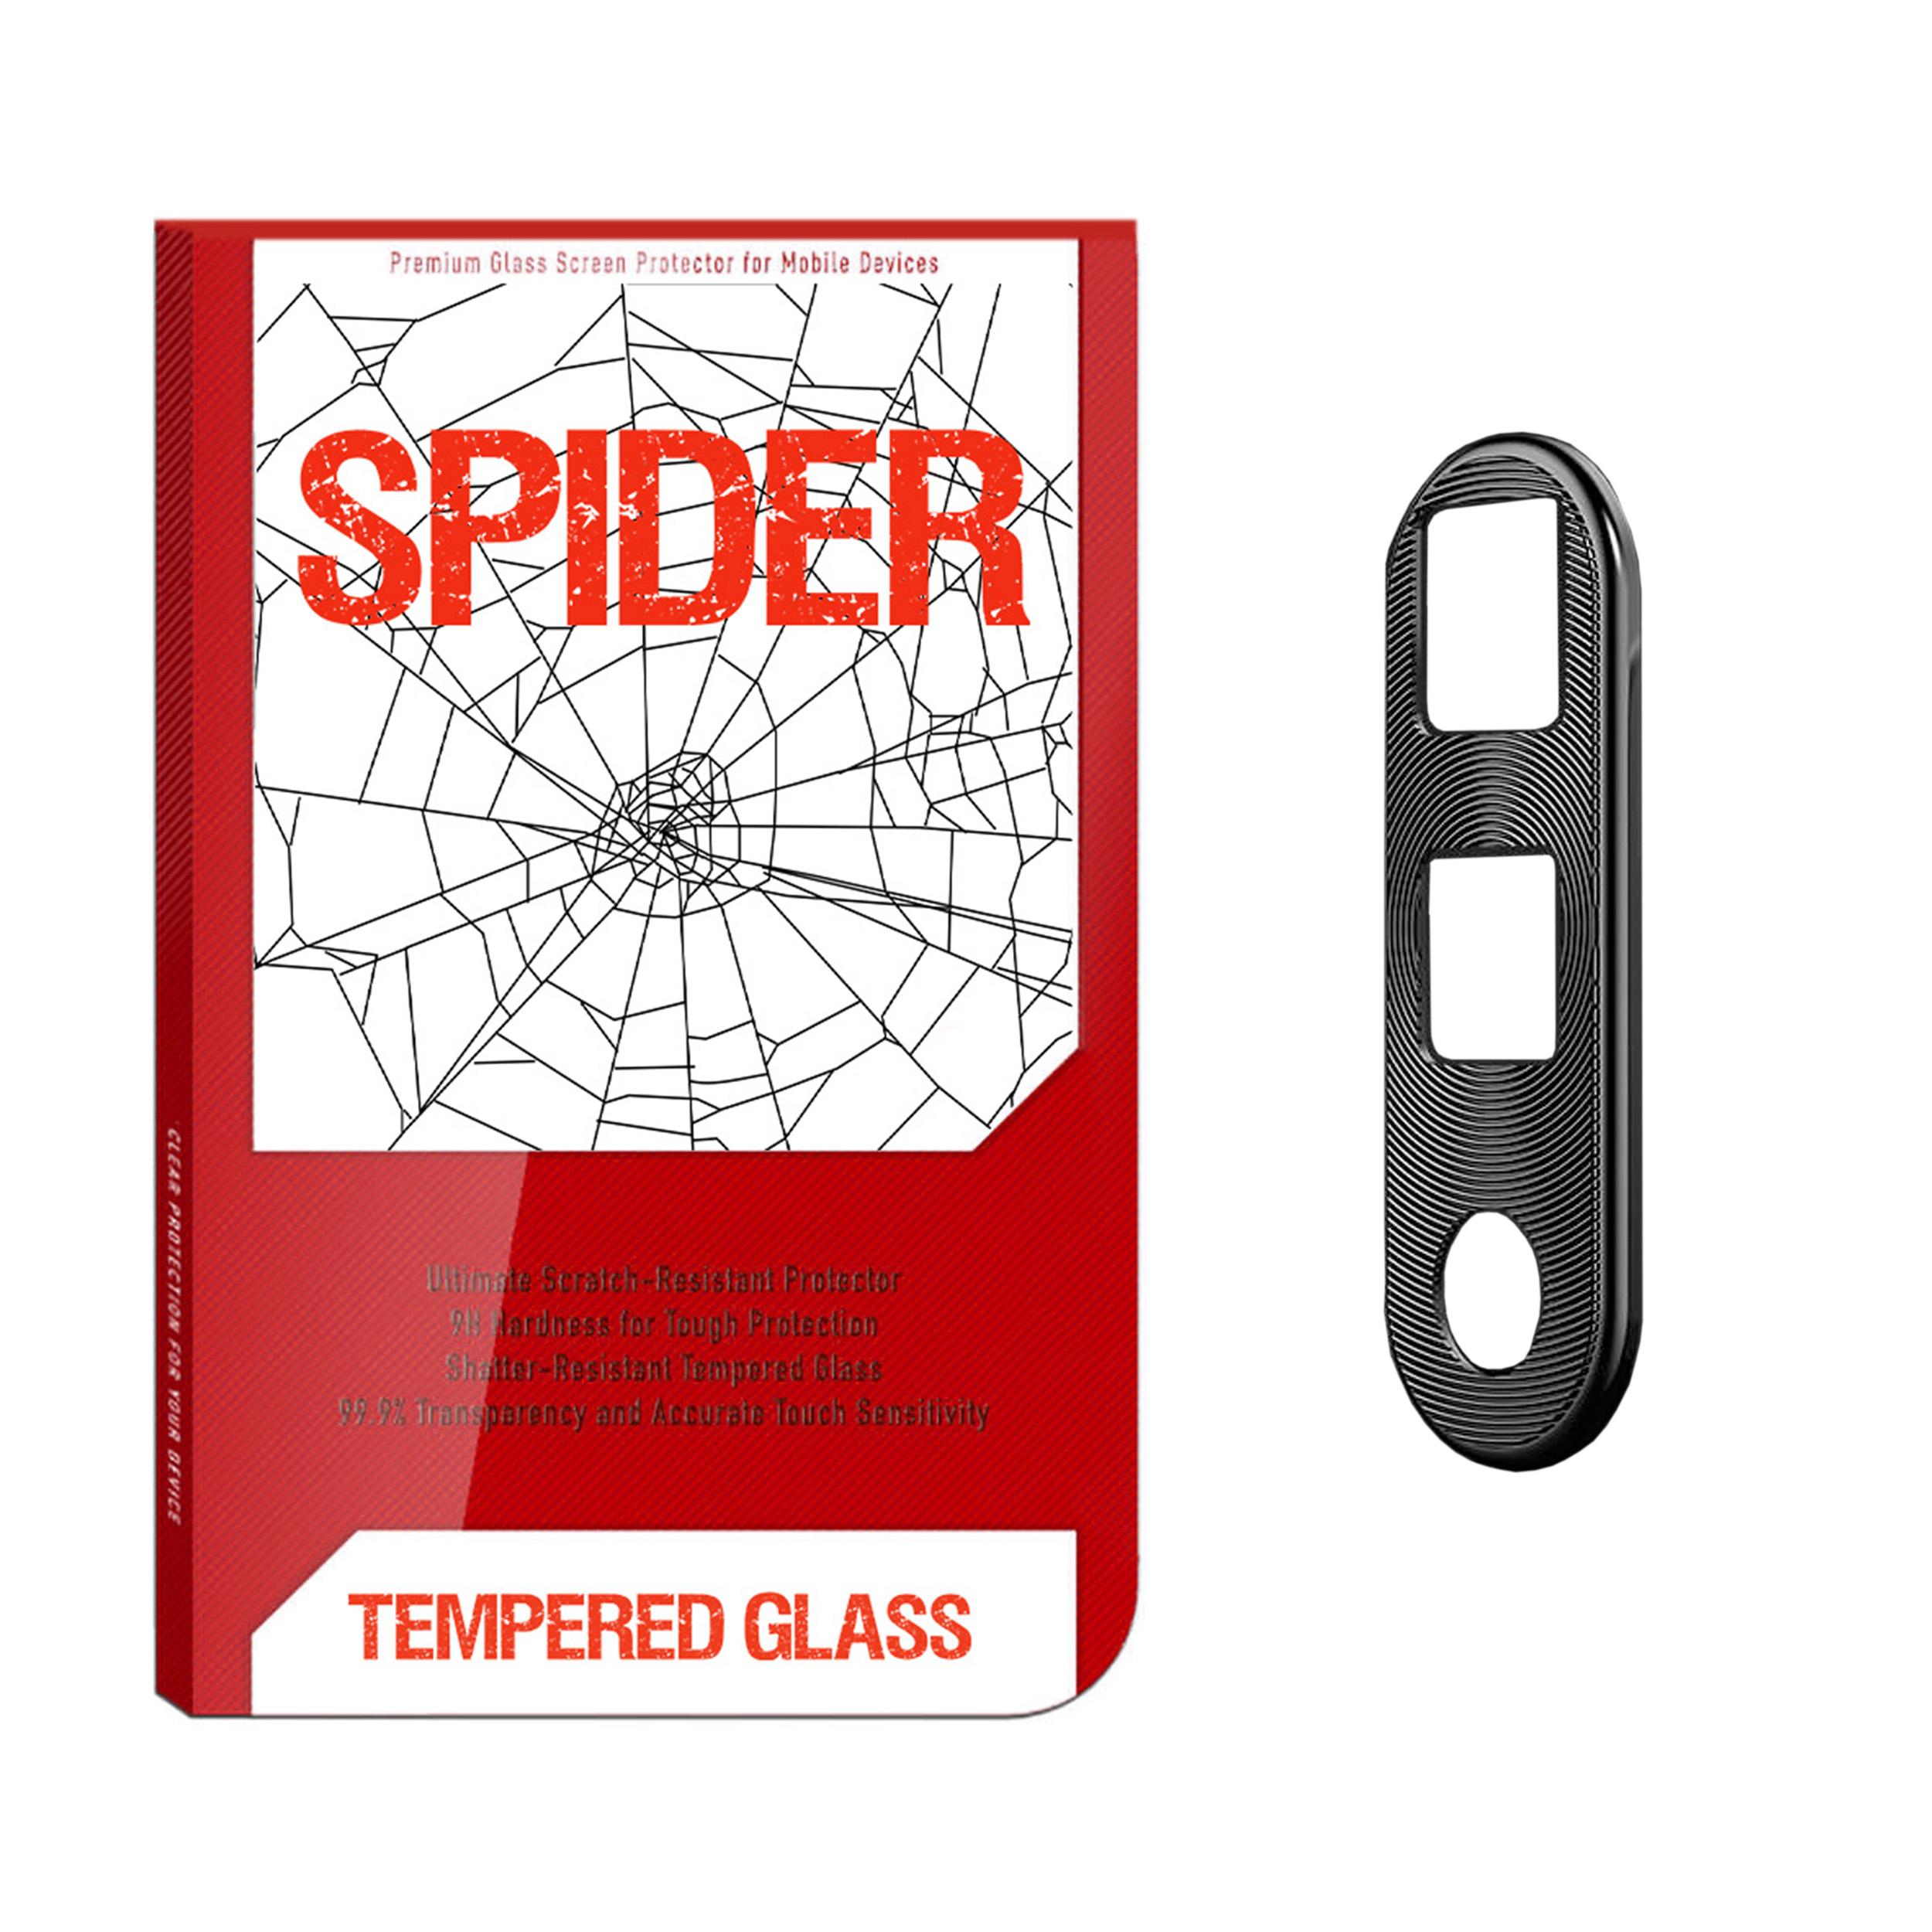 محافظ لنز دوربین اسپایدر مدل FLZ-017 مناسب برای گوشی موبایل سامسونگ Galaxy Note 10 Plus / Note 10